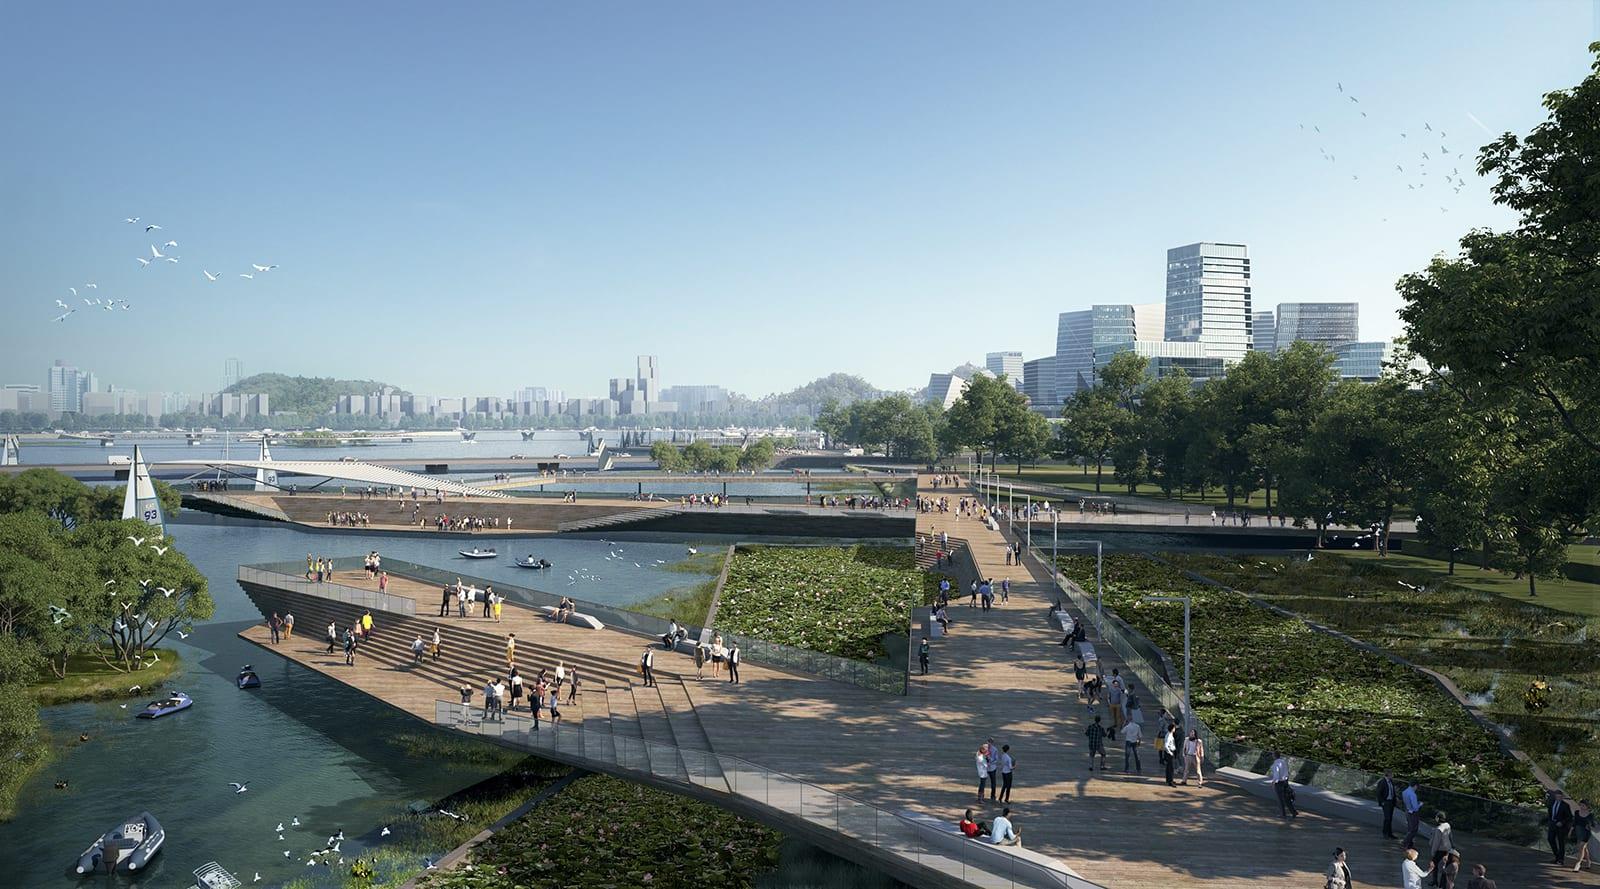 """بحجم موناكو..كيف ستبدو """"مدينة المستقبل"""" داخل مدينة شنجن الصينية؟"""